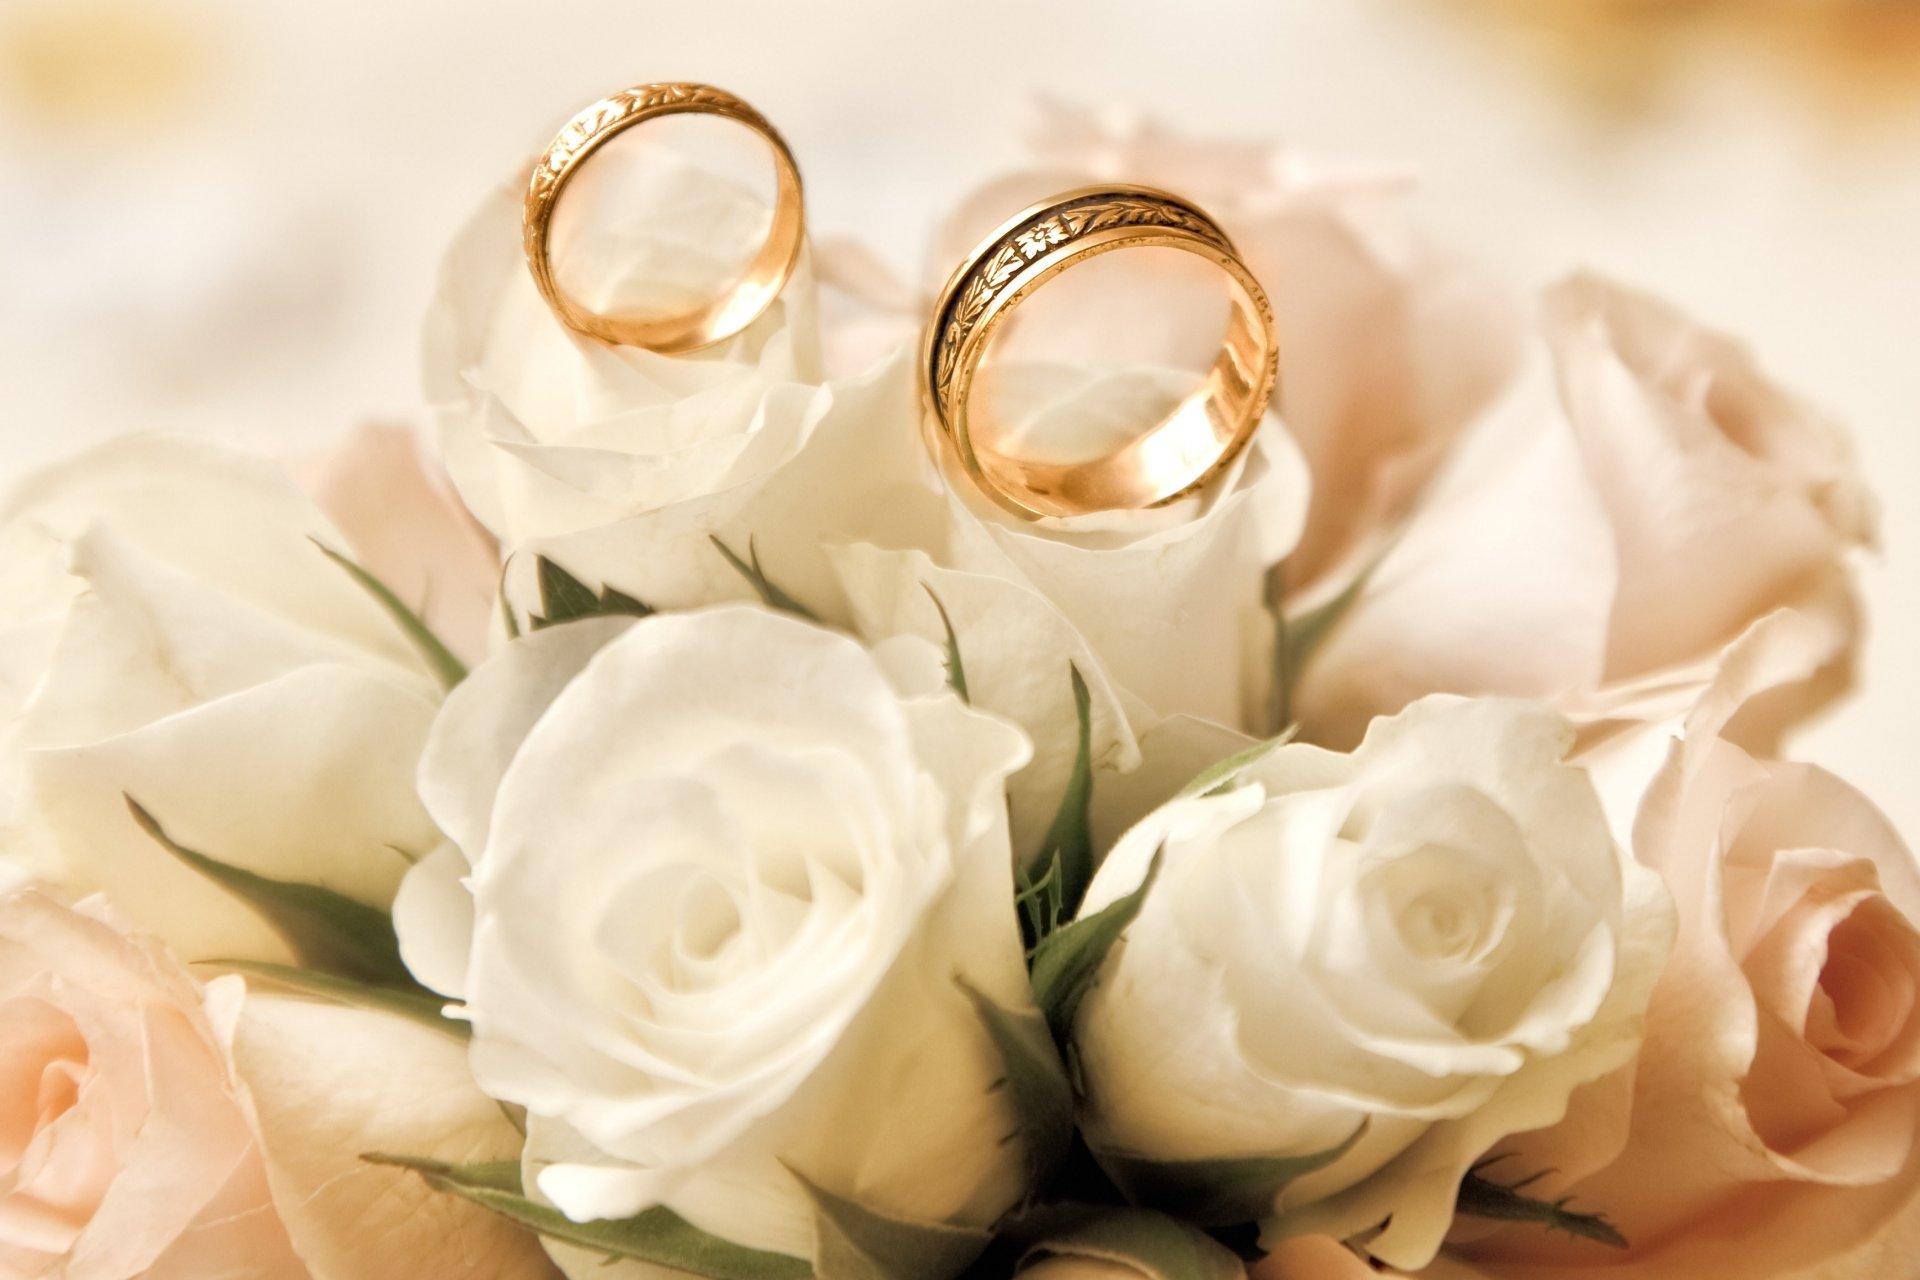 Кольца с цветами : картинки и фото кольца и цветы, скачать изображения 11